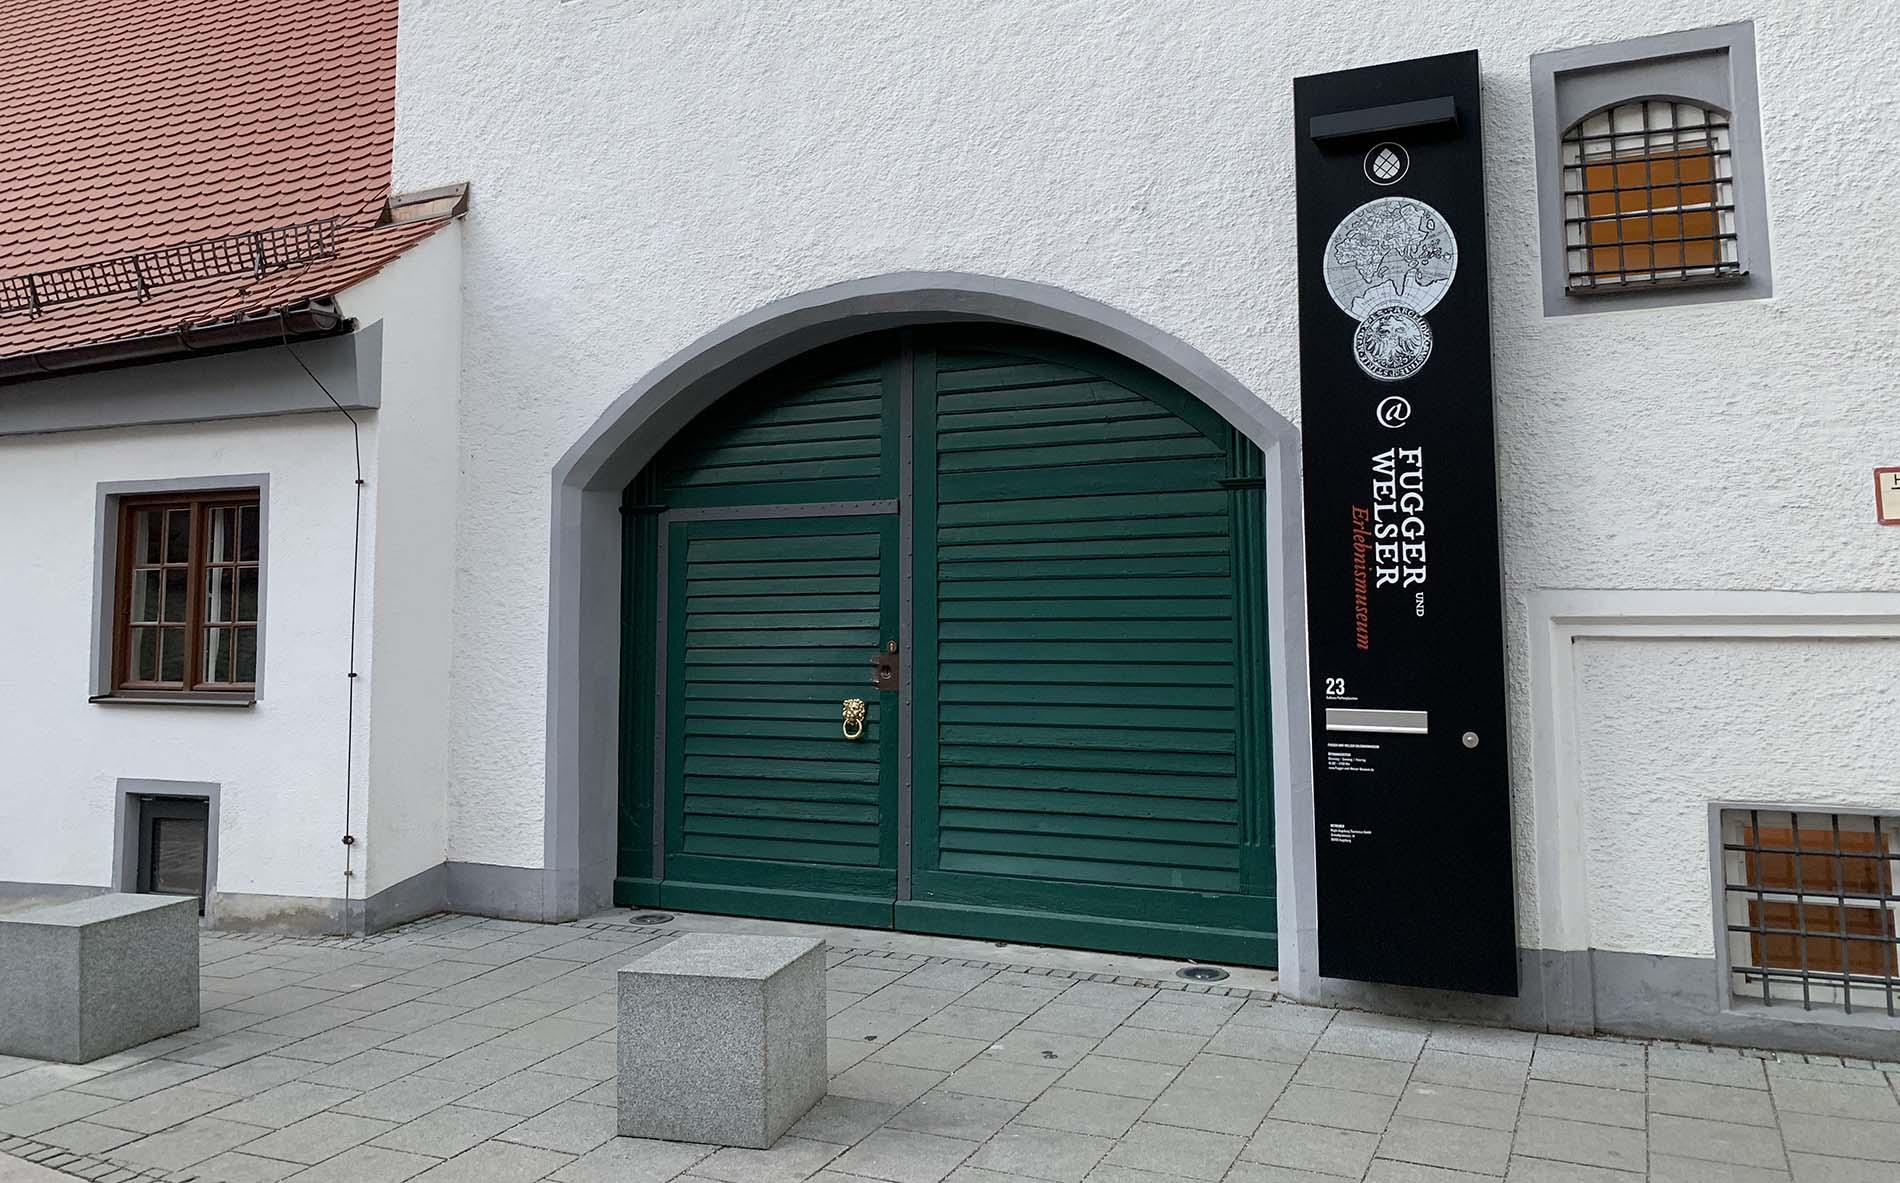 Fugger Welser Museum Wieselhaus Eingang Portal Eingangsportal Sanierung Gemeinschaftsstiftung Mein Augsburg Stiftung Fuggerstadt Foto Andreas Zilse